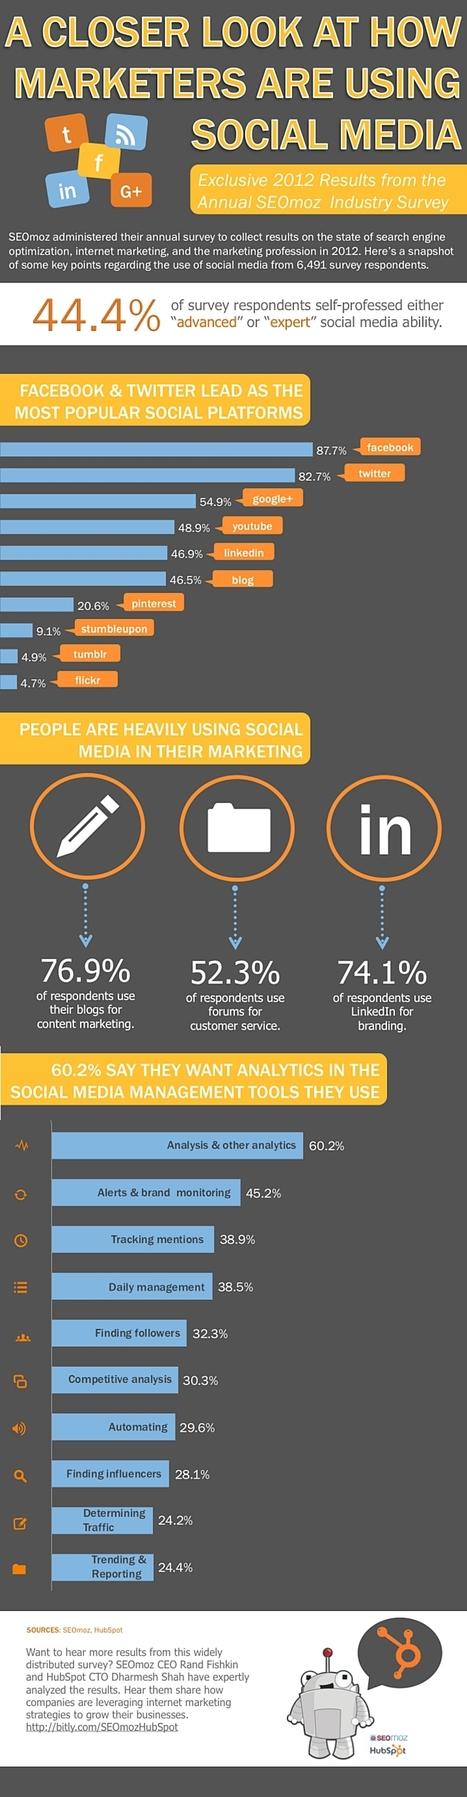 Infographie : Usage des réseaux sociaux par les professionnels du marketing | L'actualité Santé & Marketing sélectionnée par SURICATE CONSULT | Scoop.it